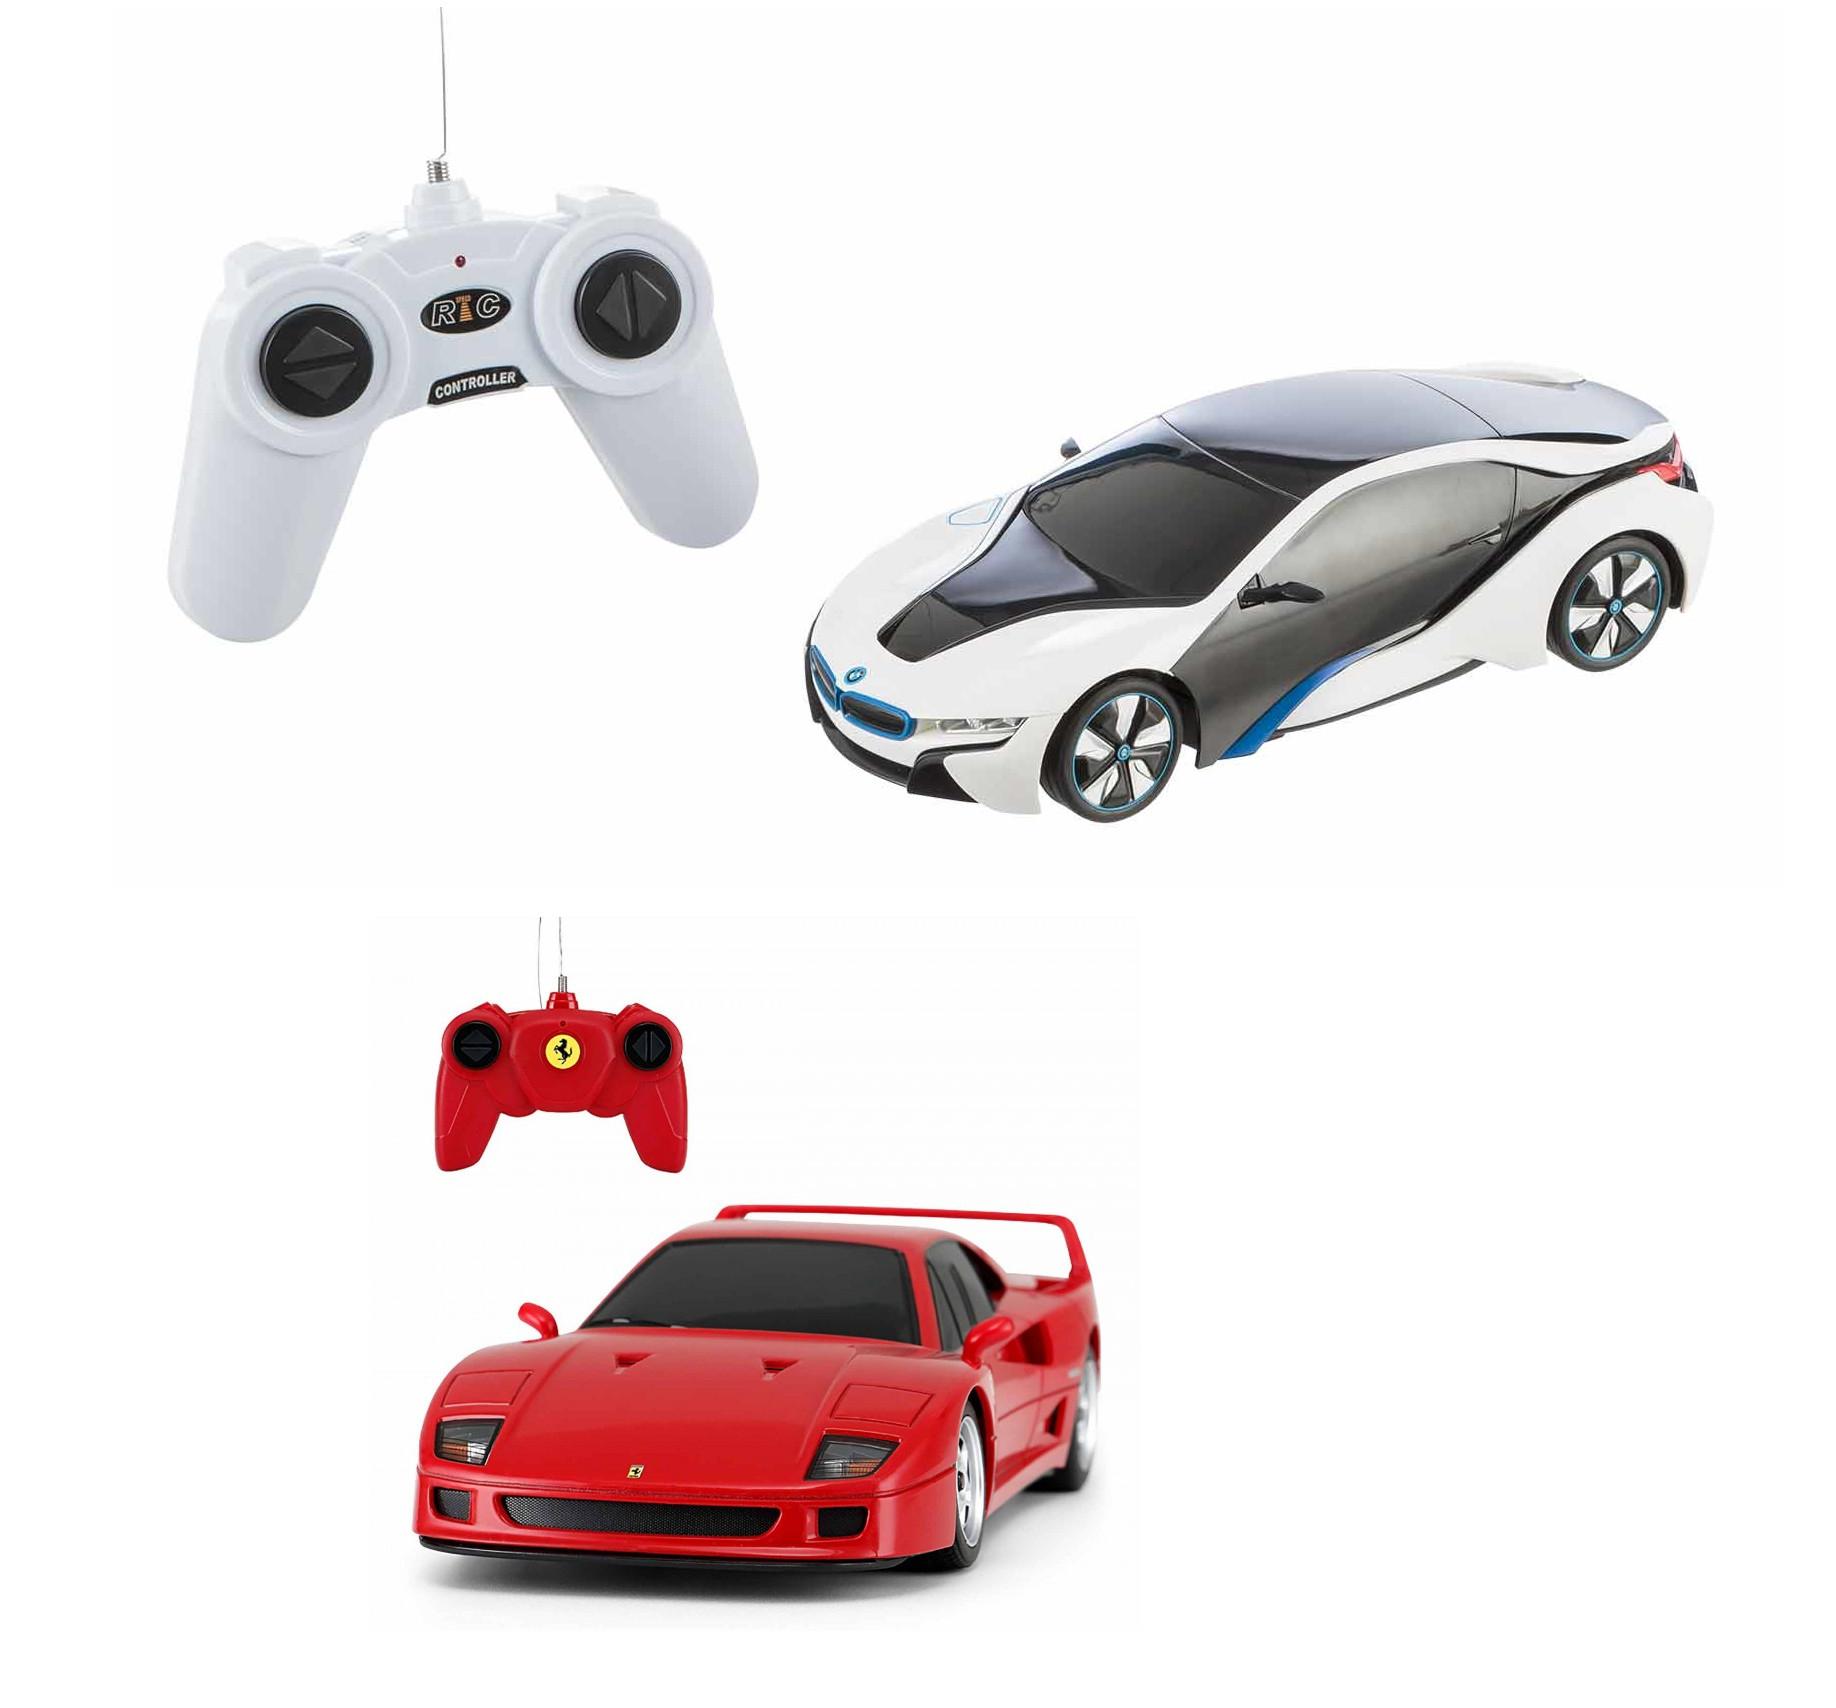 Rastar 1.24 Ferrari F40 or BMW i8 Remote Control Car for £6.49 @ Ryman (Free click and collect)